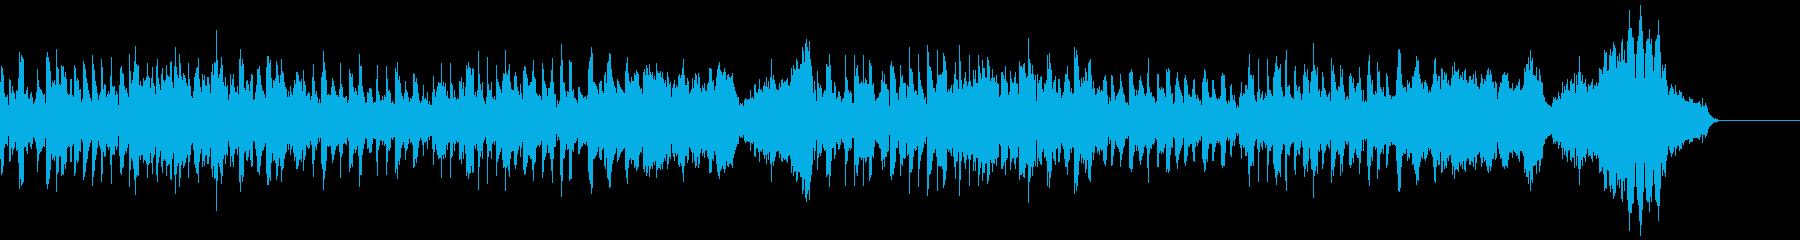 フルートと弦楽器のコミカルな曲の再生済みの波形